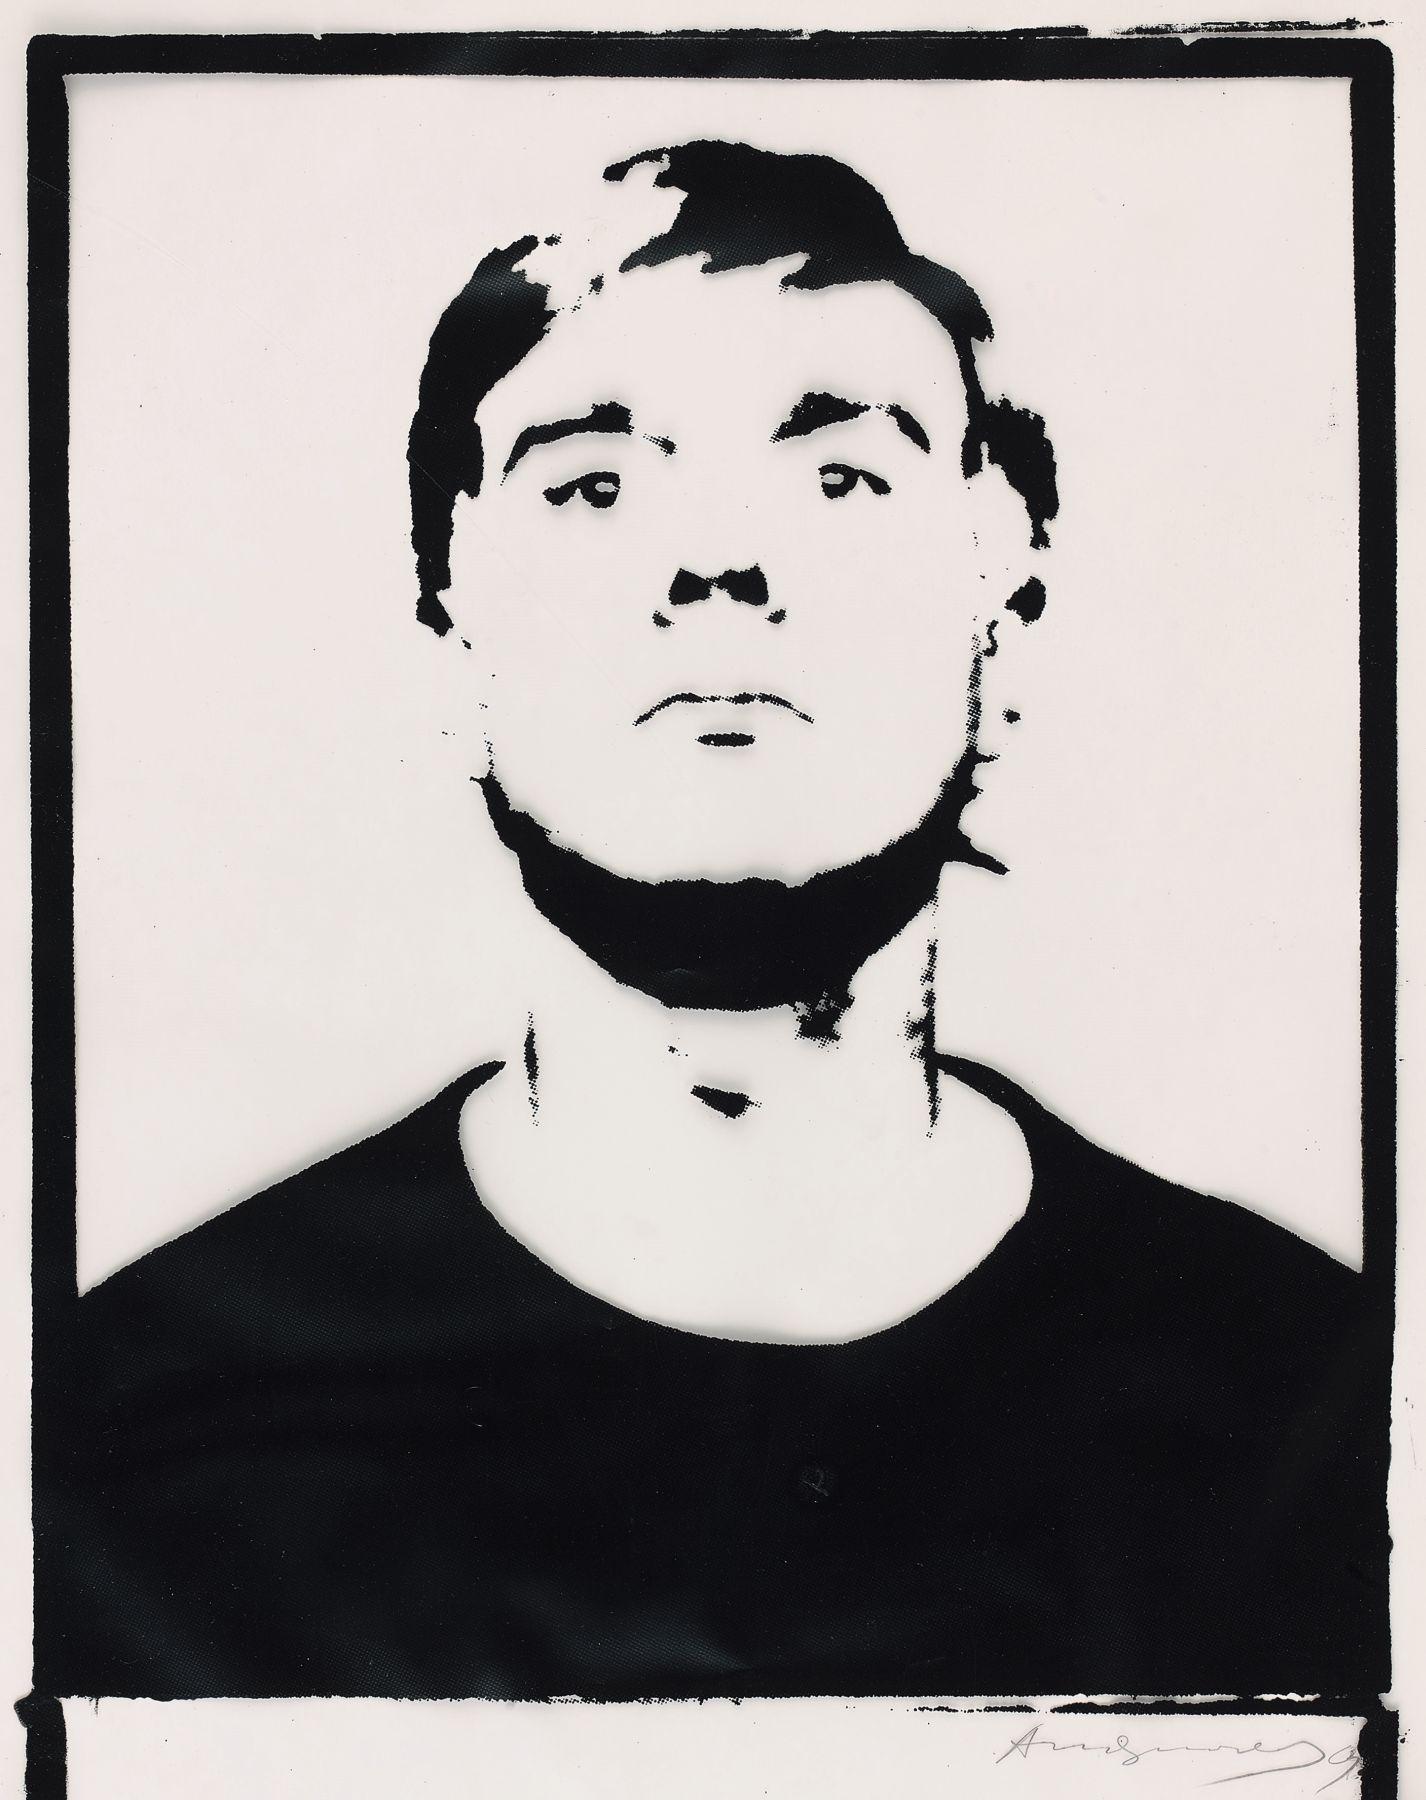 Andy Warhol Self-Portrait, 1964 Encre sérigraphique sur feuille de papier calque